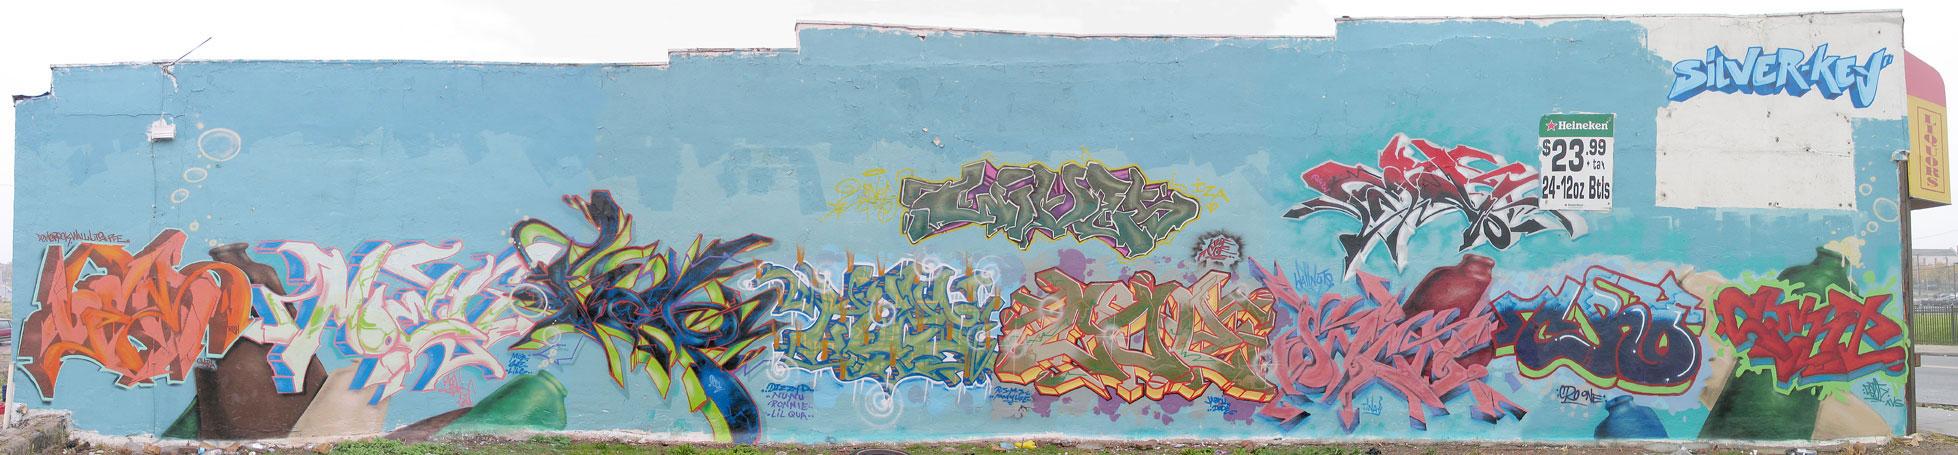 NewarkGraffiti24